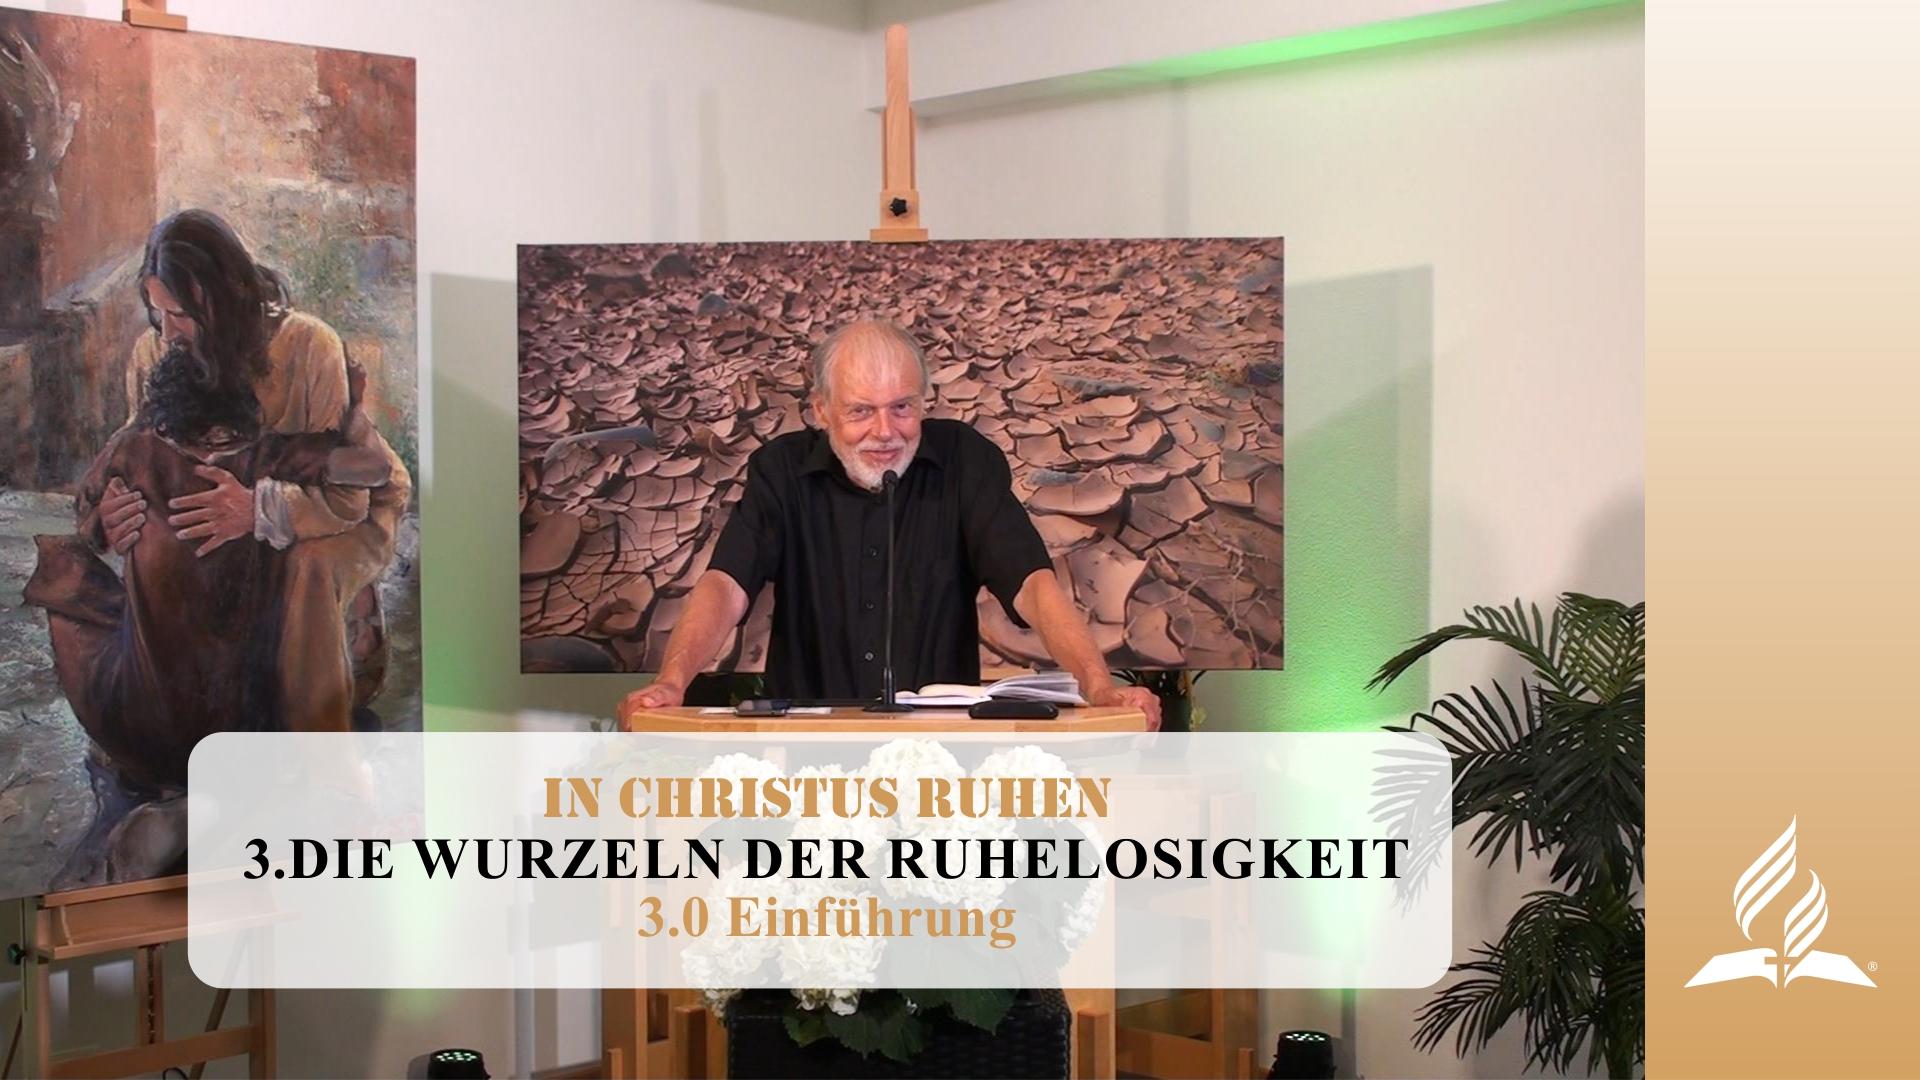 3.0 Einführung – DIE WURZELN DER RUHELOSIGKEIT | Pastor Mag. Kurt Piesslinger